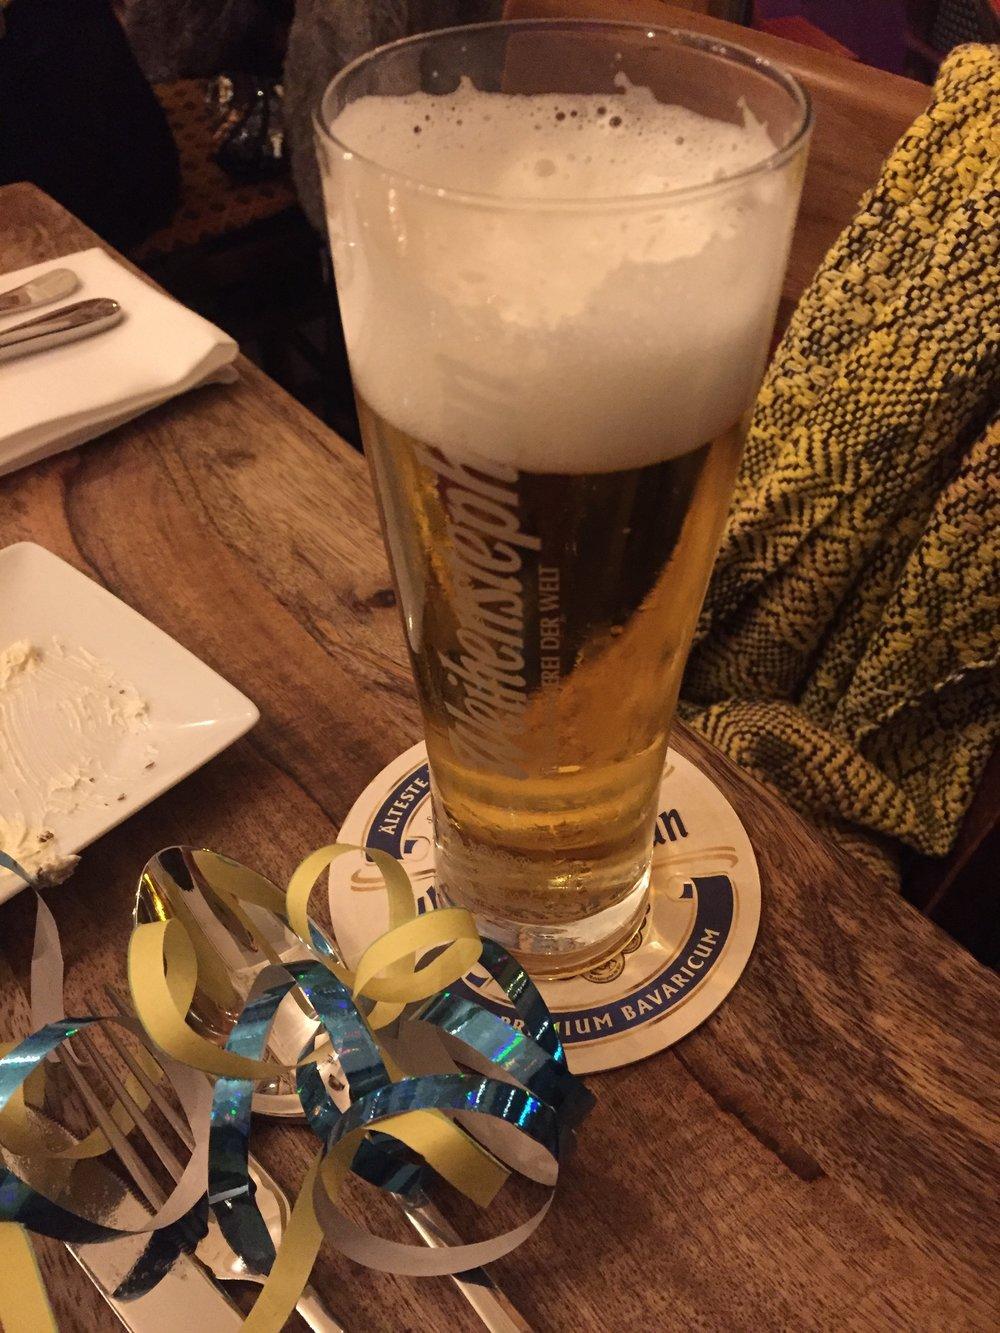 New Year's Weihenstephan at Brasserie Lumieres (Berlin)